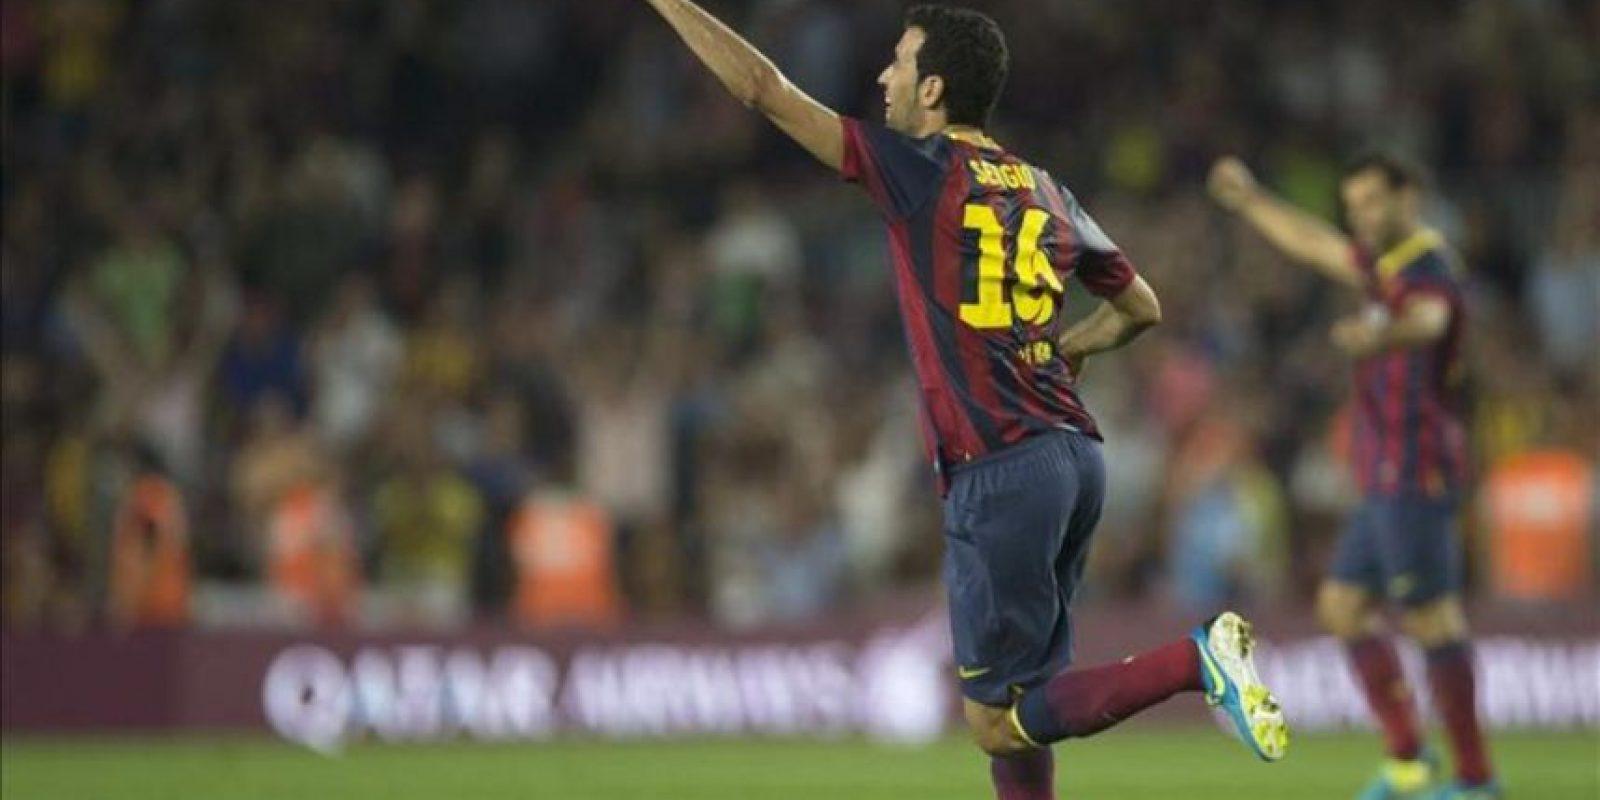 El centrocampista del F.C. Barcelona Sergio Busquets celebra el gol que ha marcado ante la Real Sociedad durante el partido de la sexta jornada de Liga de Primera División disputado en el Camp Nou. EFE